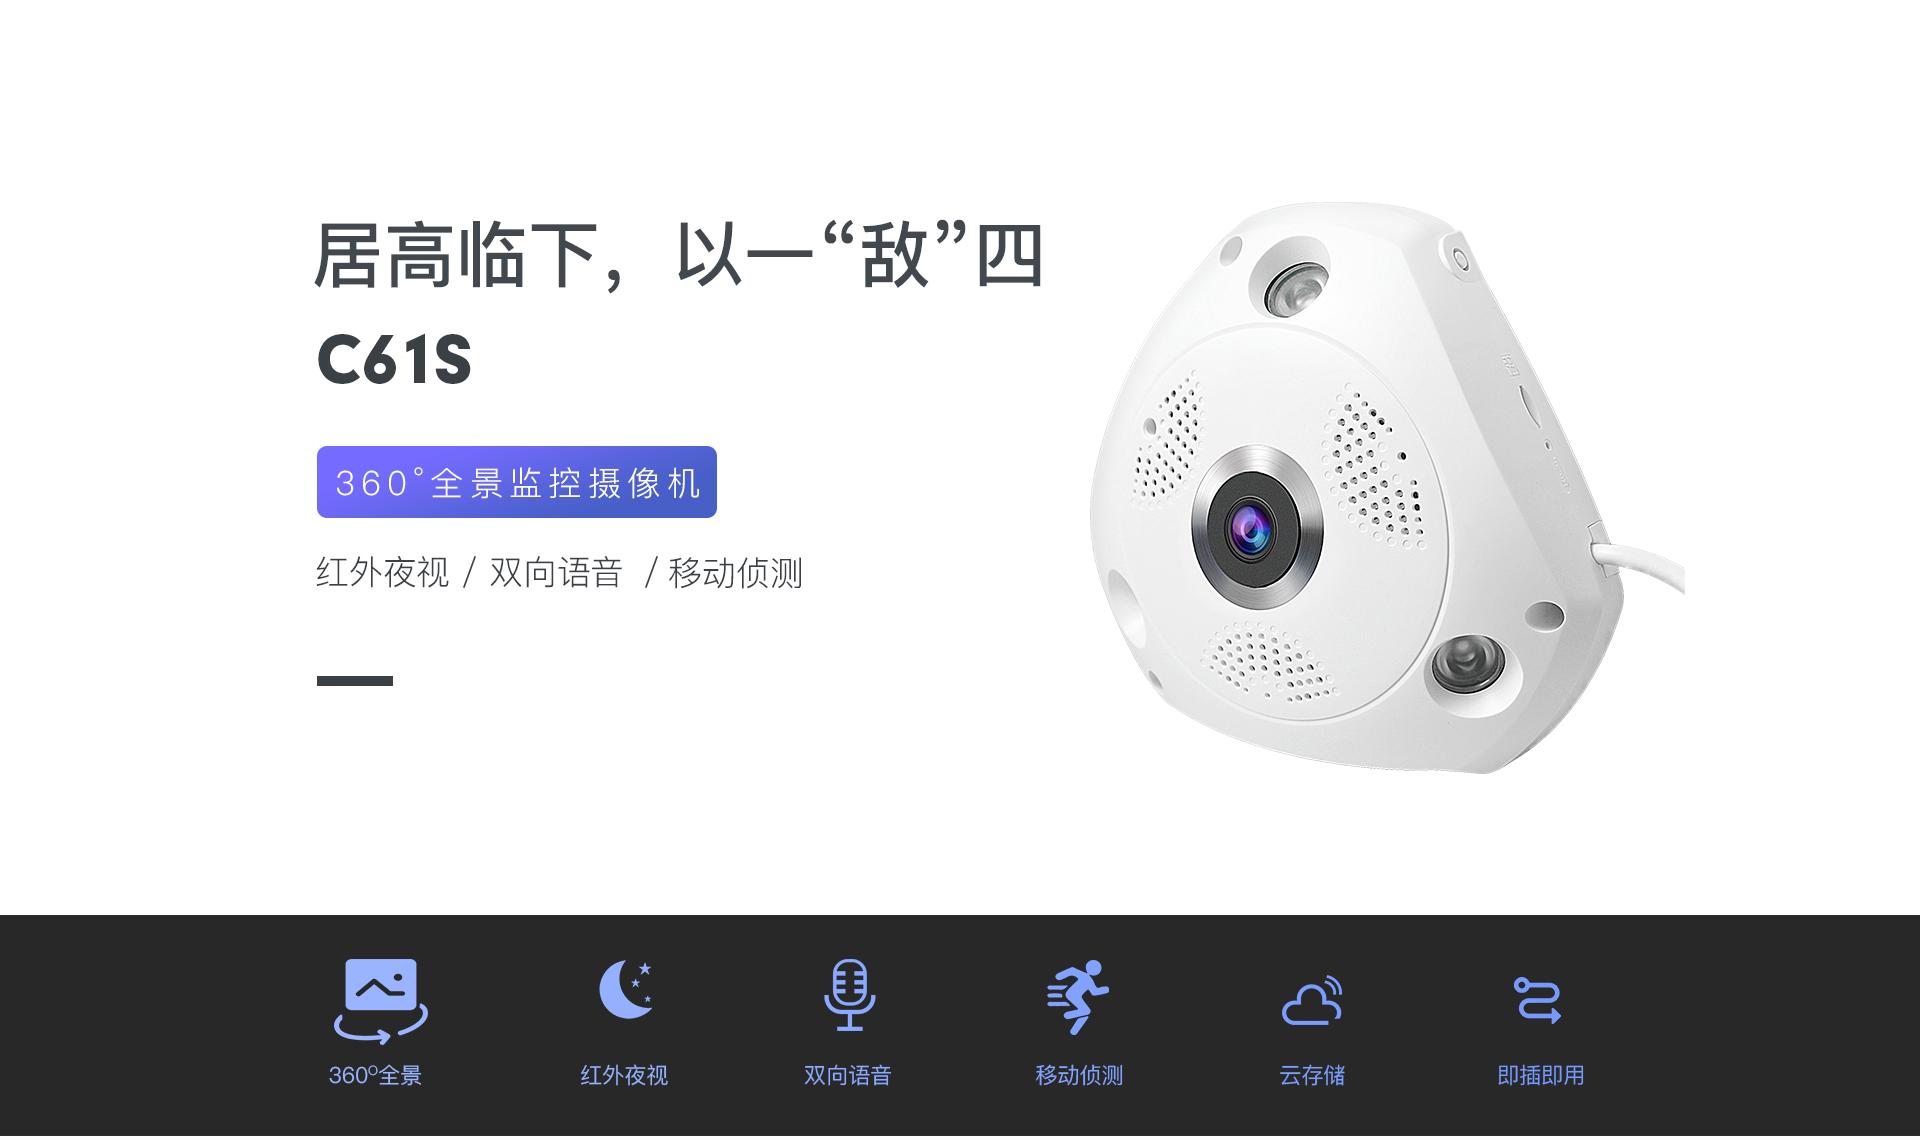 高清全景网络摄像机